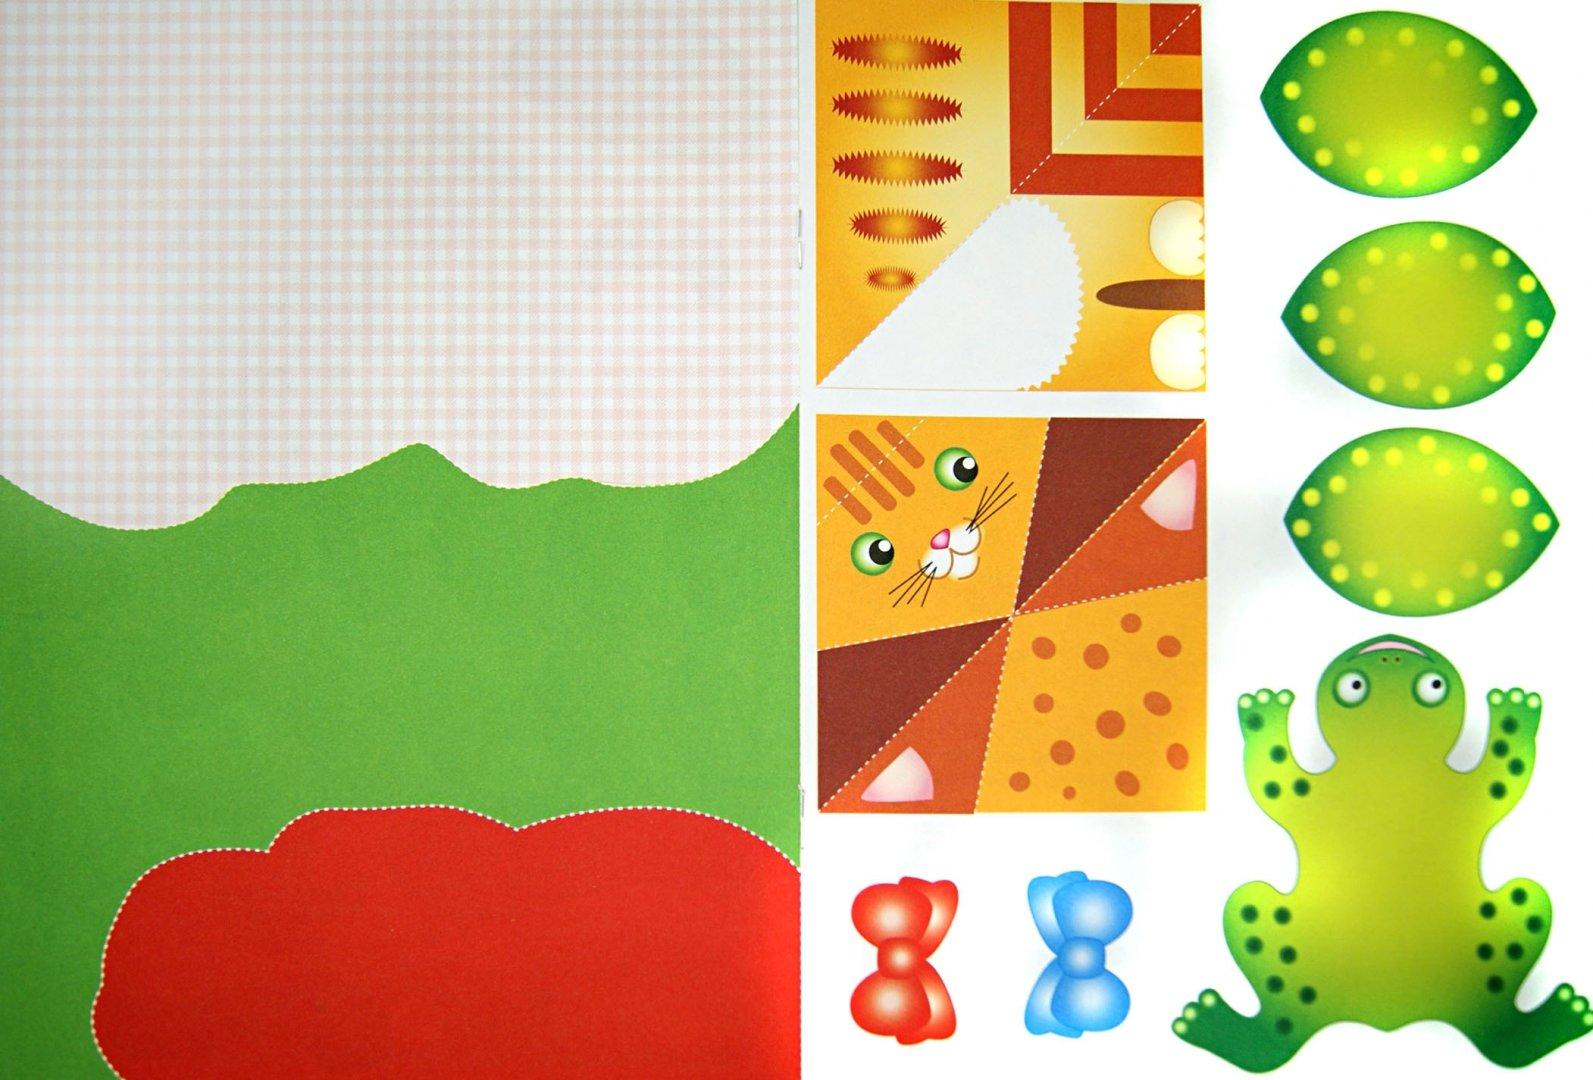 Иллюстрация 1 из 32 для Уроки творчества. Для детей 3-4 года. Выпуск 2 | Лабиринт - книги. Источник: Лабиринт